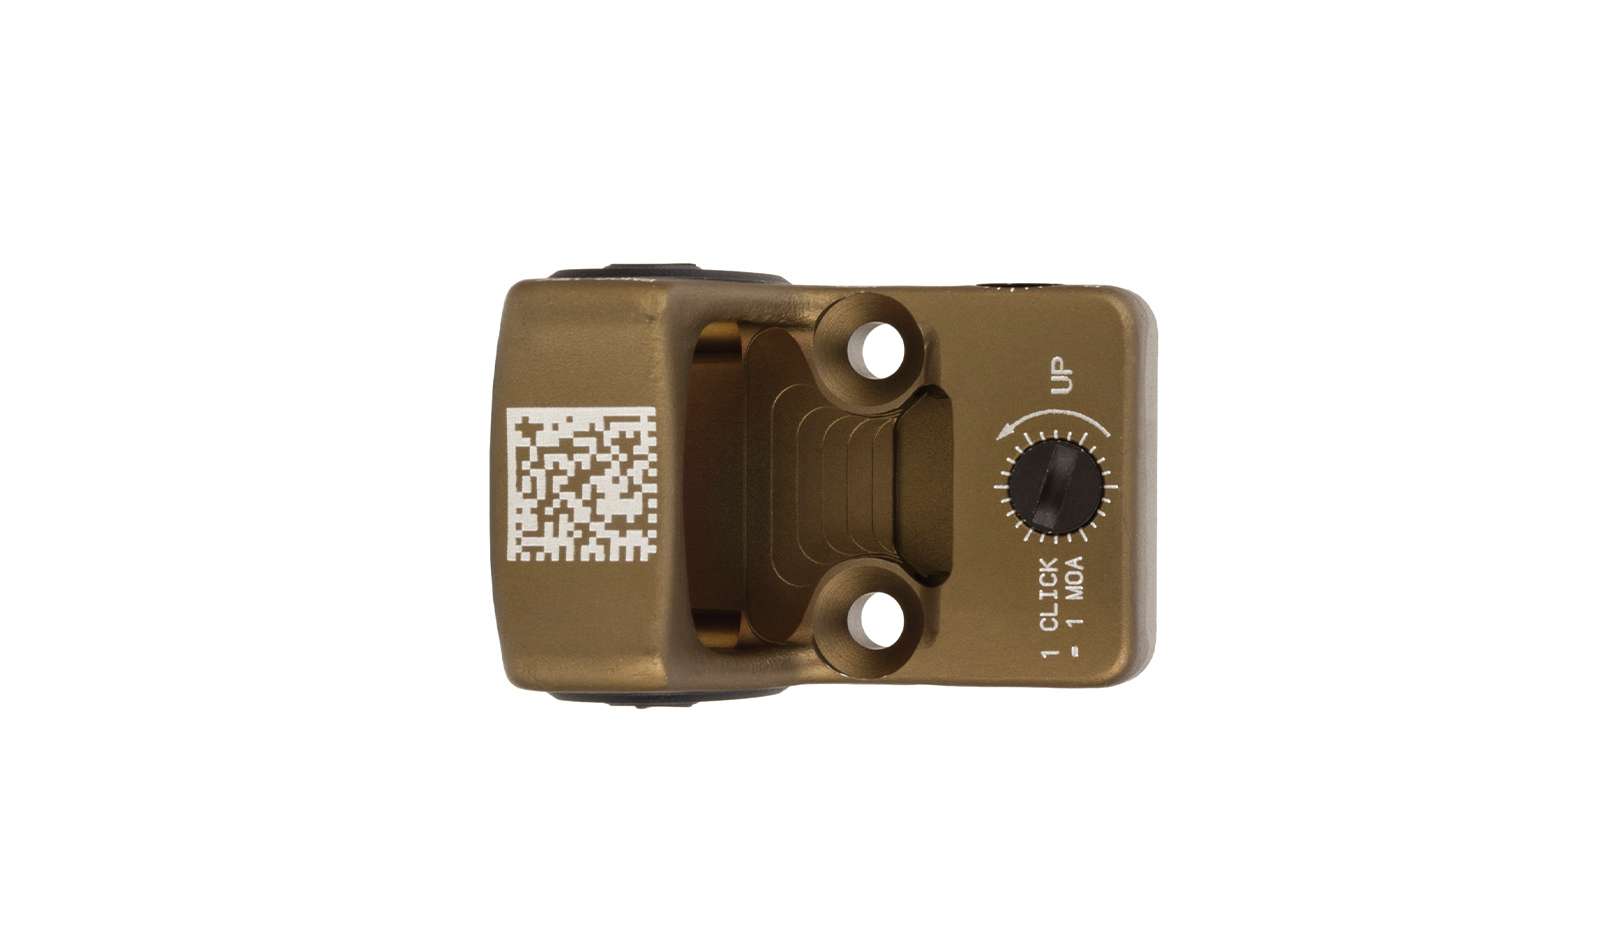 RM06-C-700780 angle 9